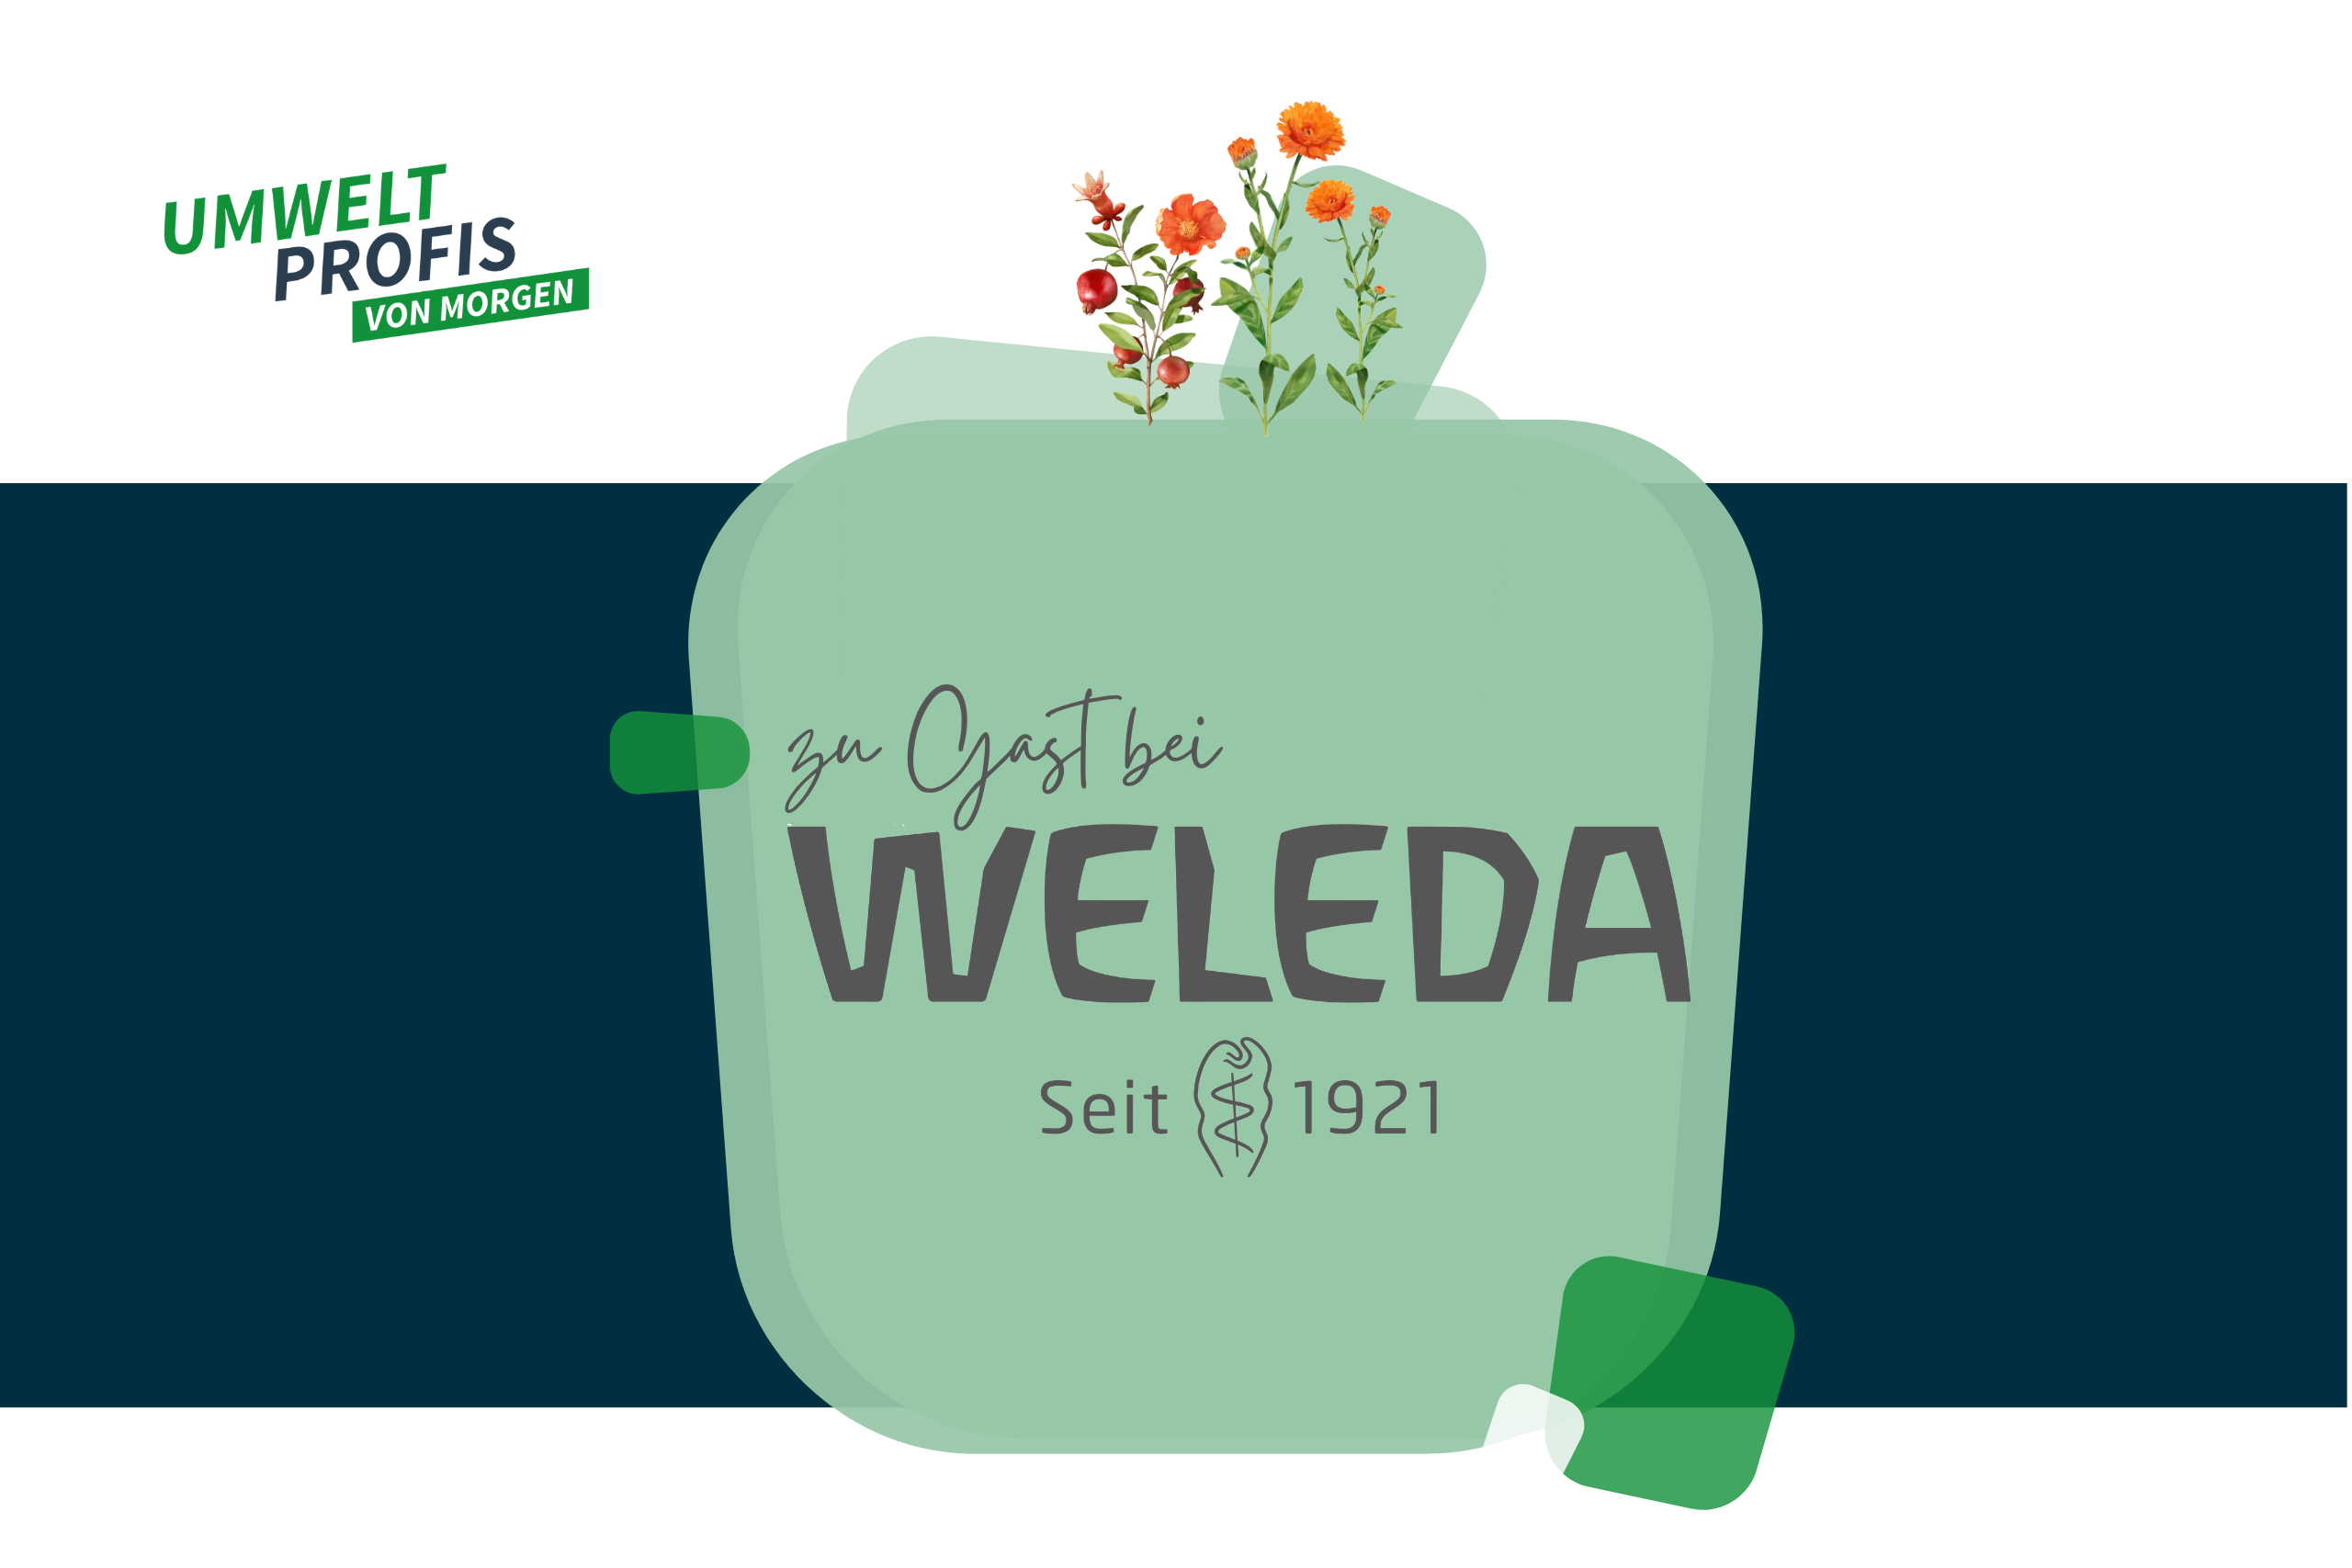 Zu Gast bei Weleda: Ein digitaler Spaziergang durch Europas größten biologisch-dynamischen Heilpflanzengarten